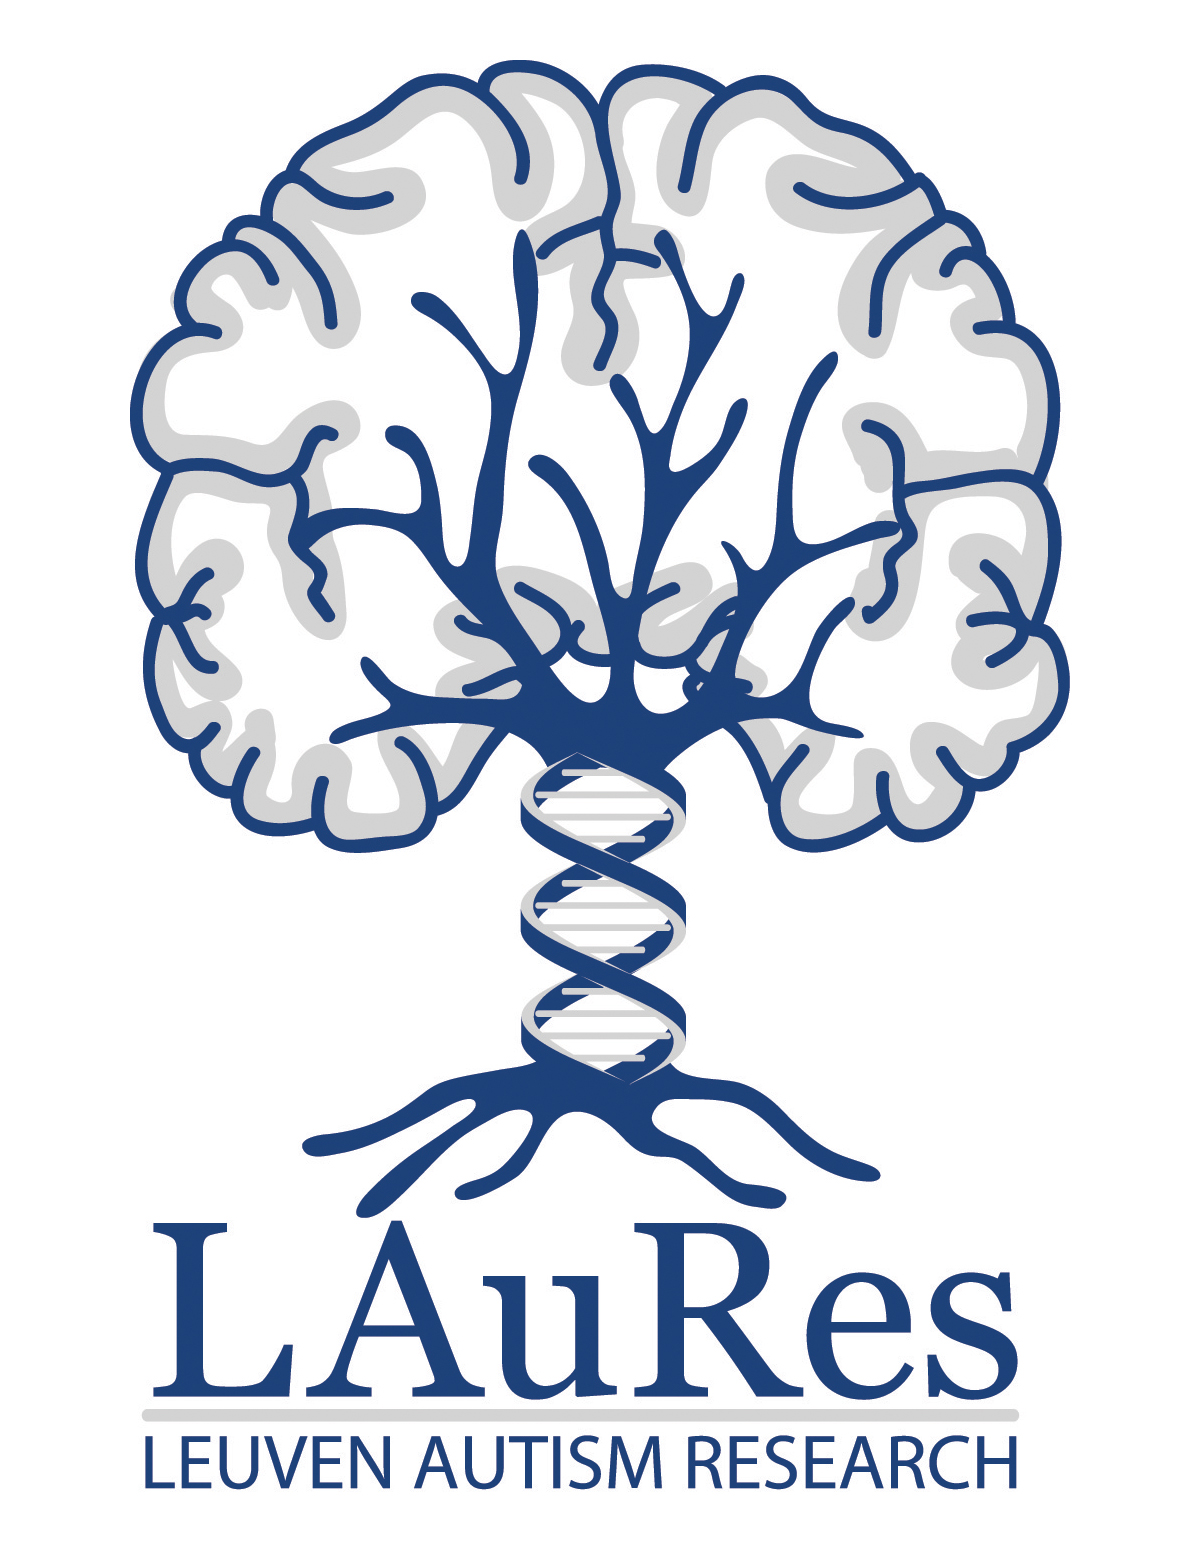 Laures logo